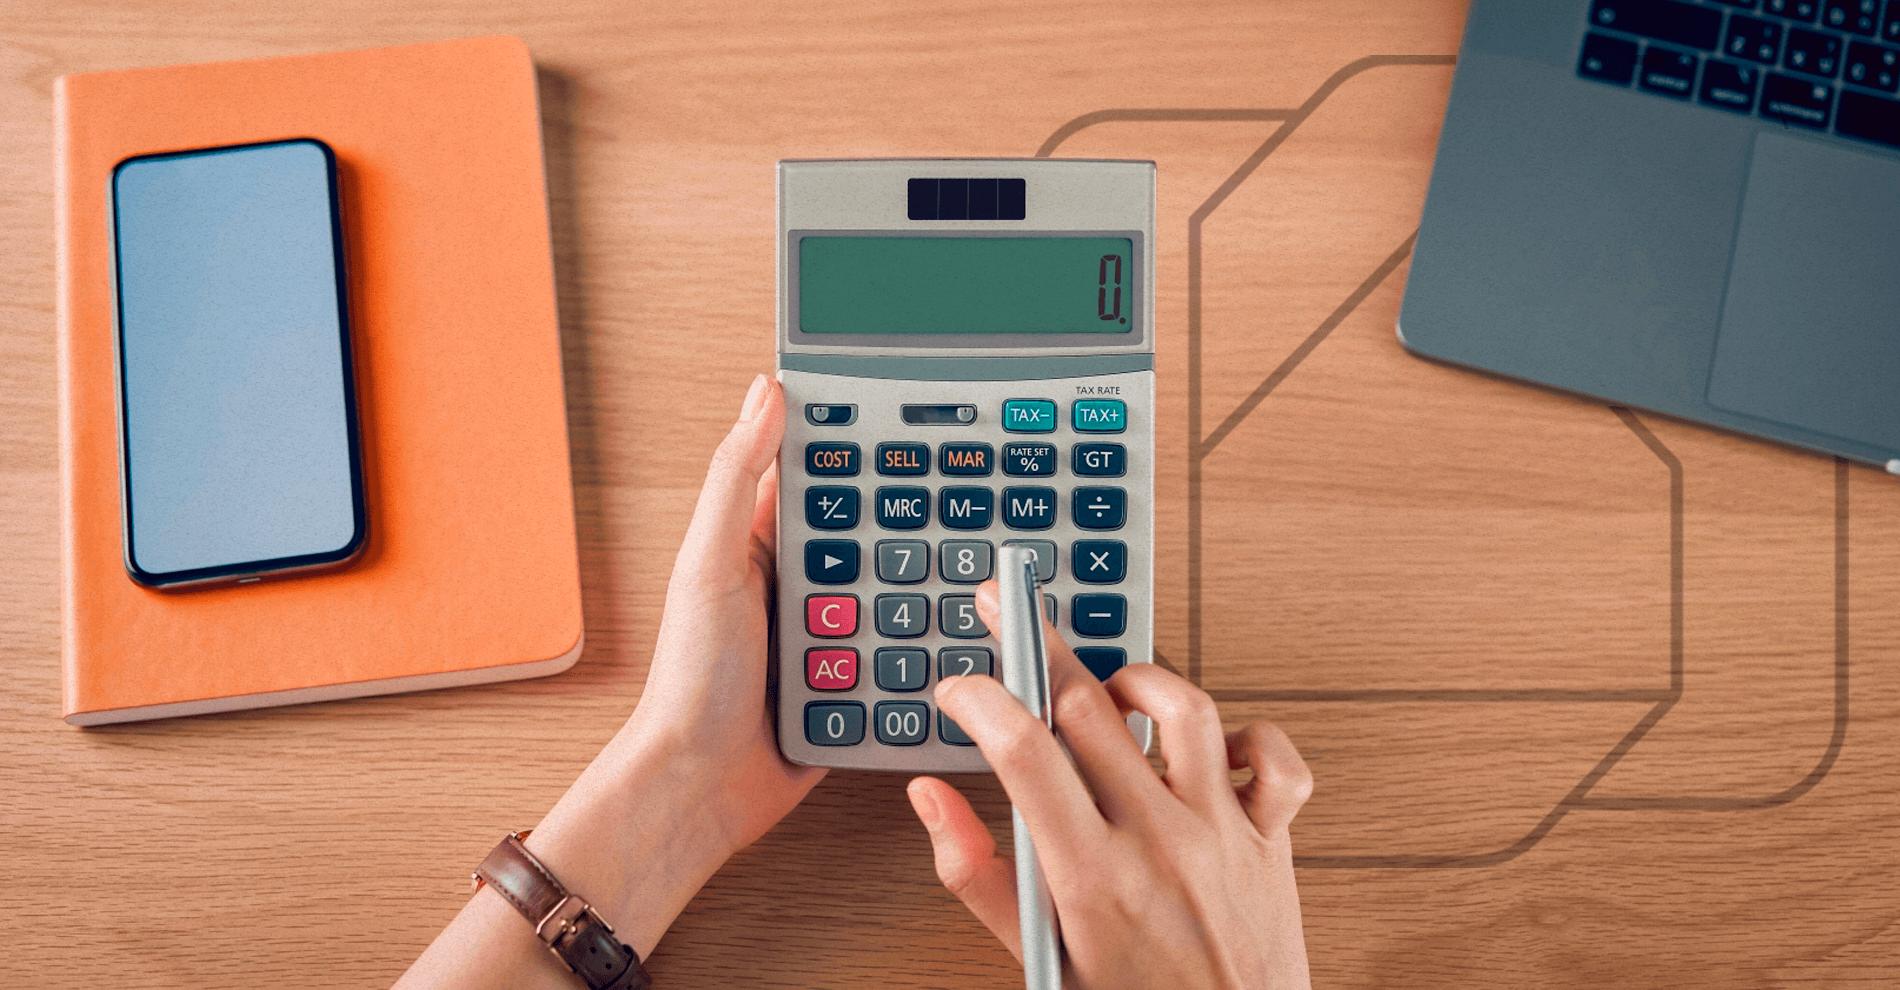 Preço de imóveis: como calcular corretamente?